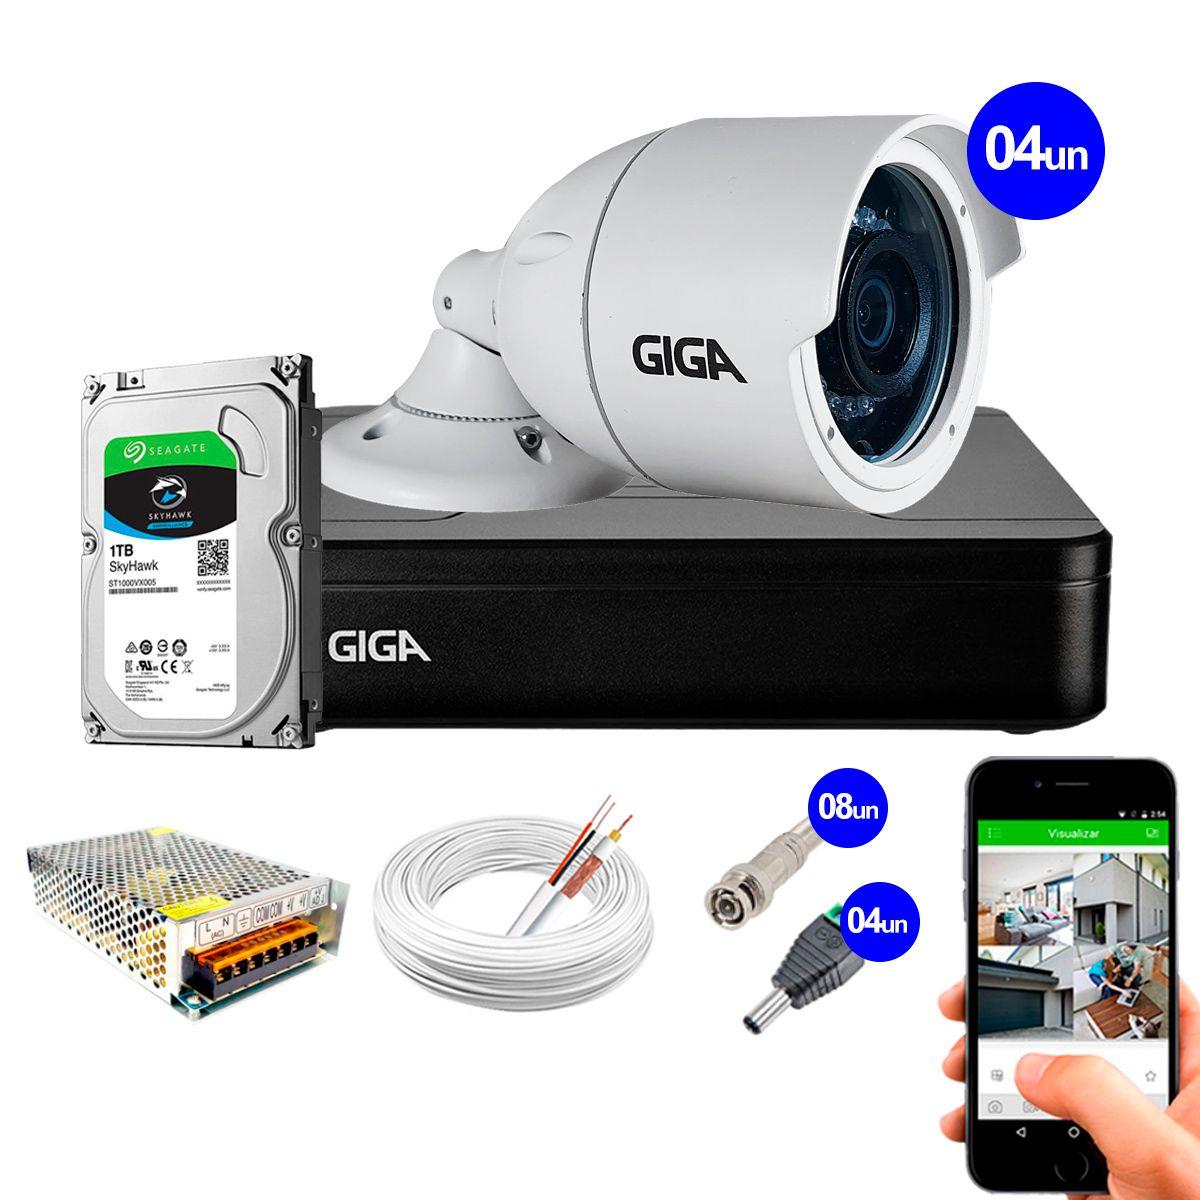 Kit 4 Câmeras GS0022 HD 720p Giga Security + DVR com HD 1TB Seagate + Acessórios  - Tudo Forte